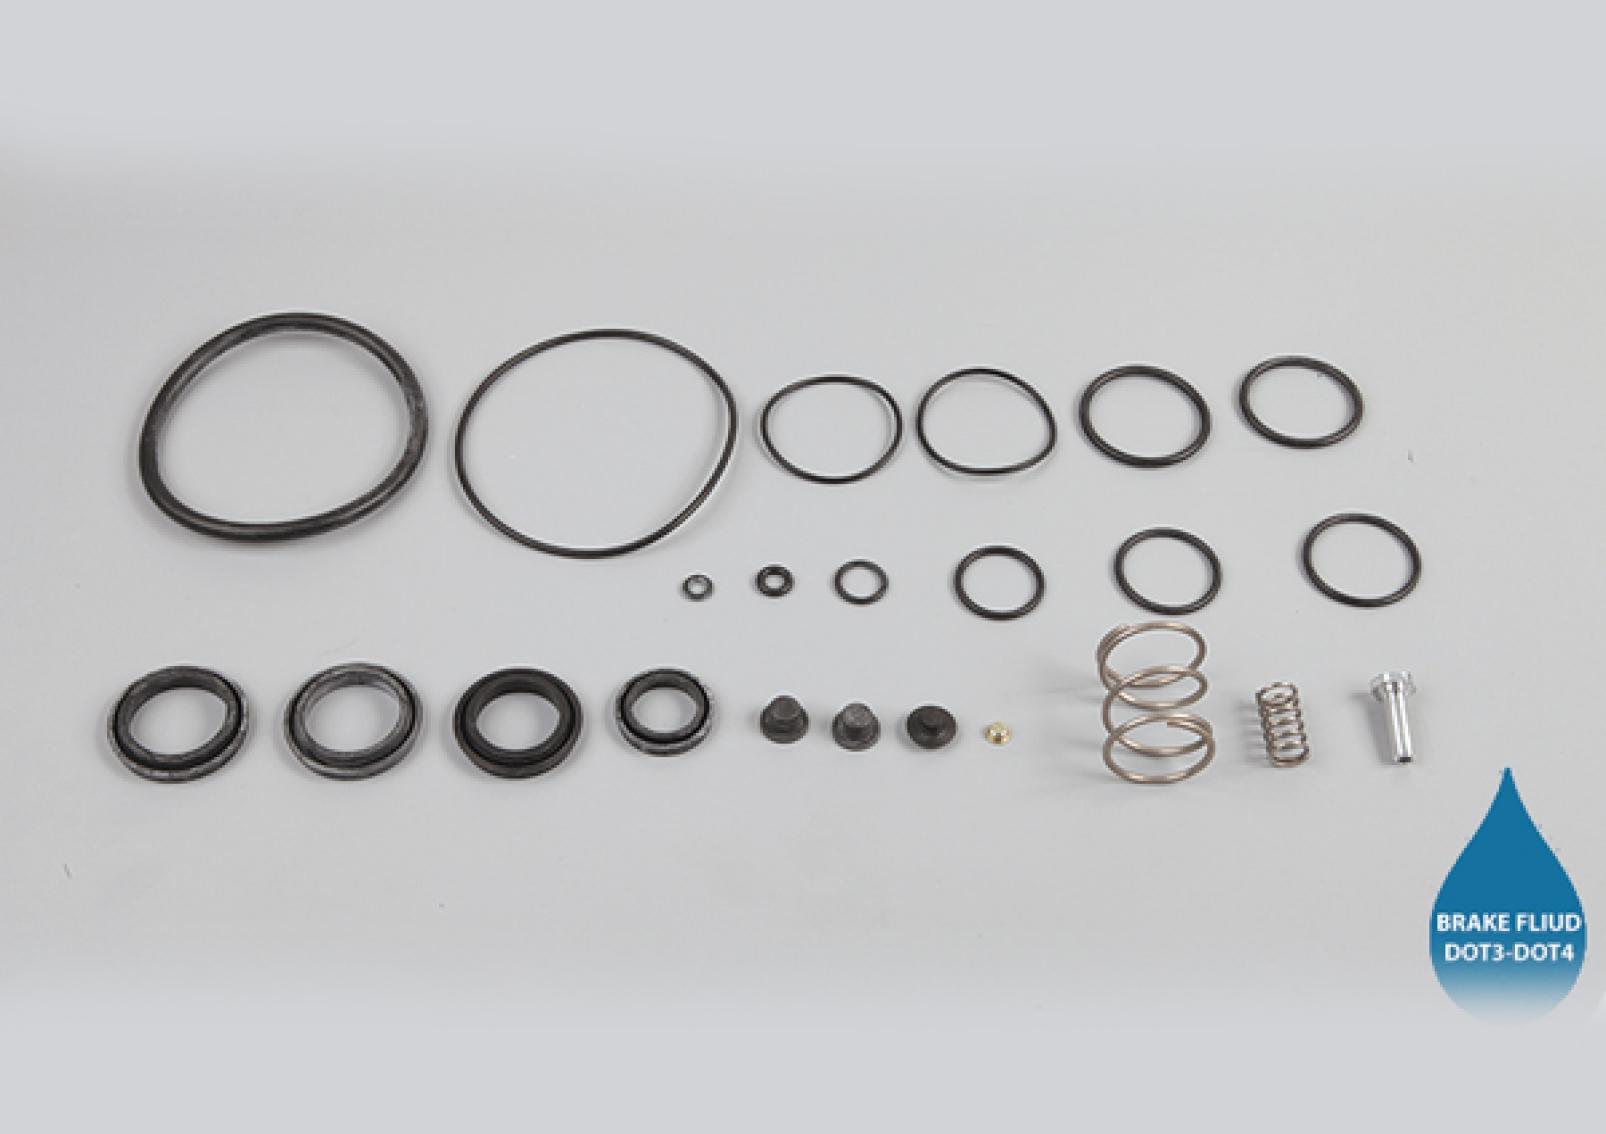 Clutch Servo Repair Kit Mercedes Benz Axor, Actros, 321 025 001 ( Dot3, Dot4 )